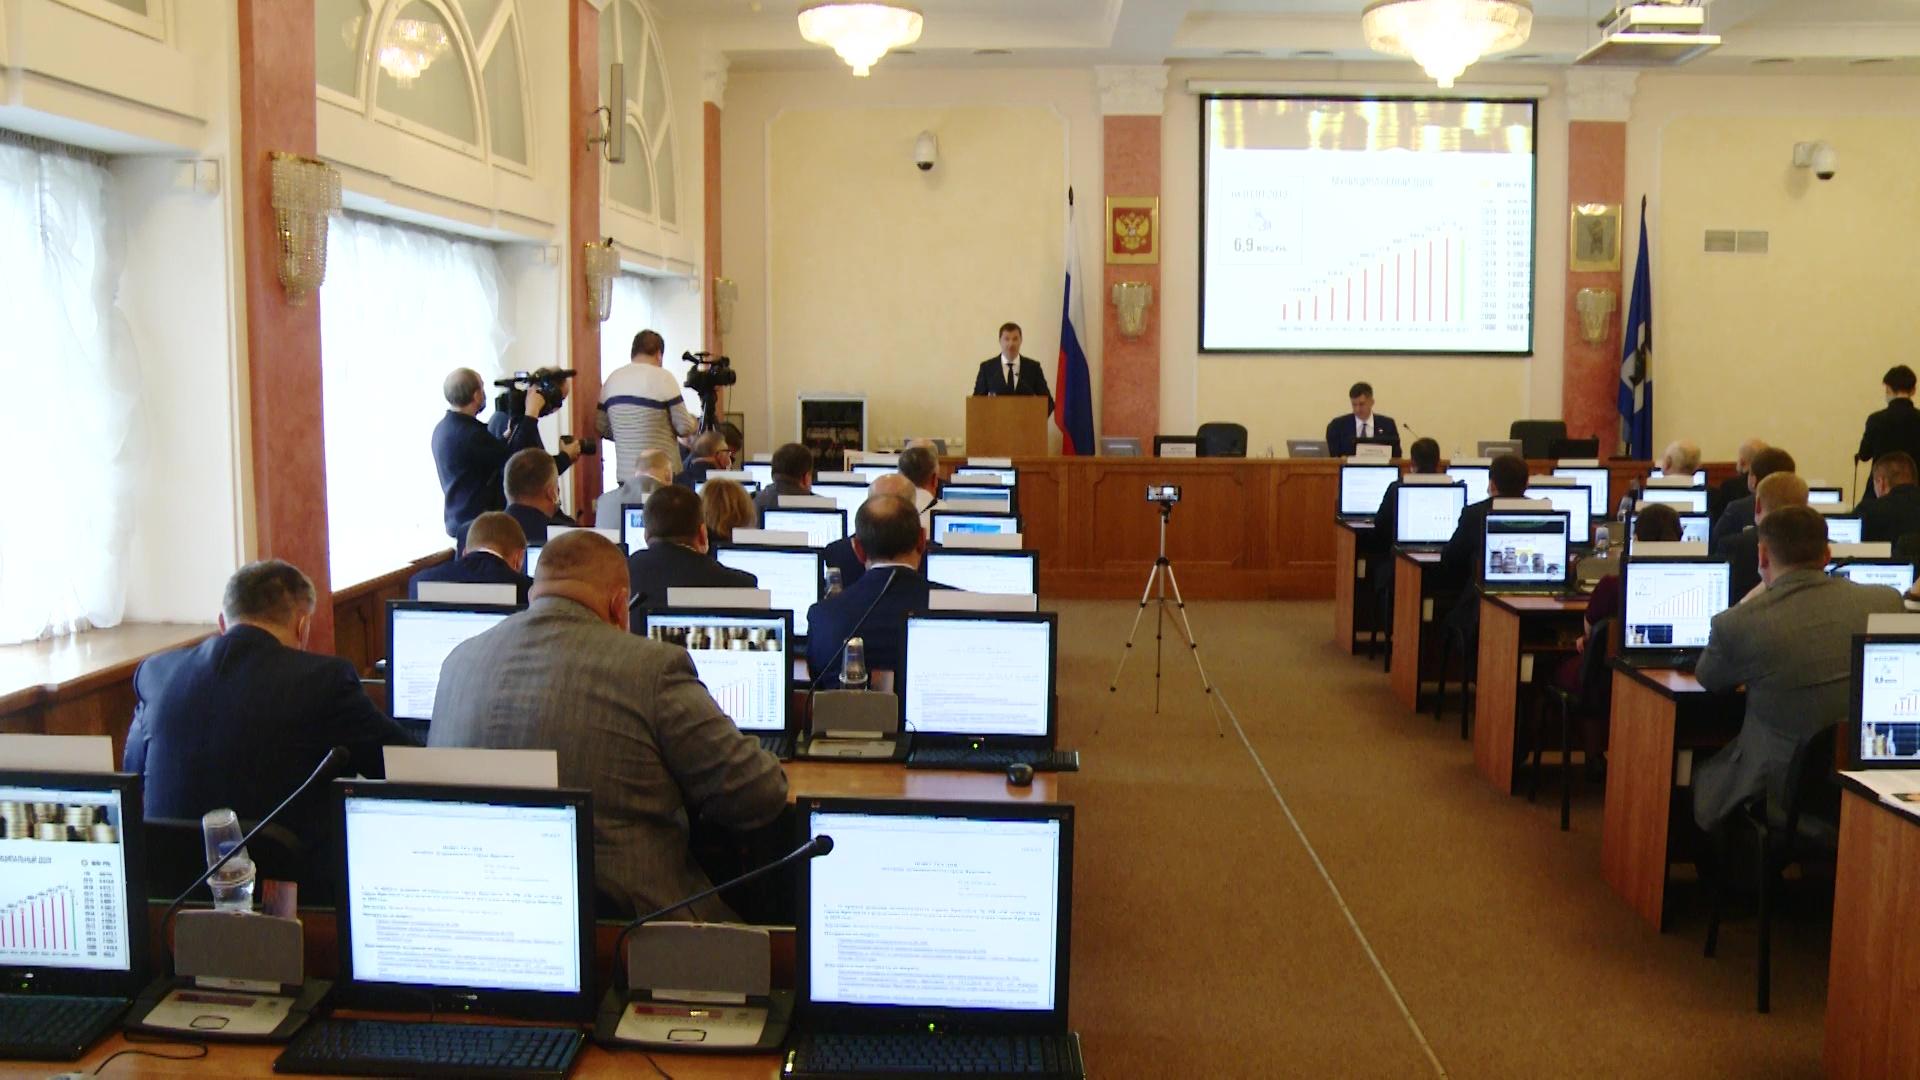 Владимир Волков: «Мы не скрываем того, что в Ярославле есть проблемы, главное, чтобы они решались»